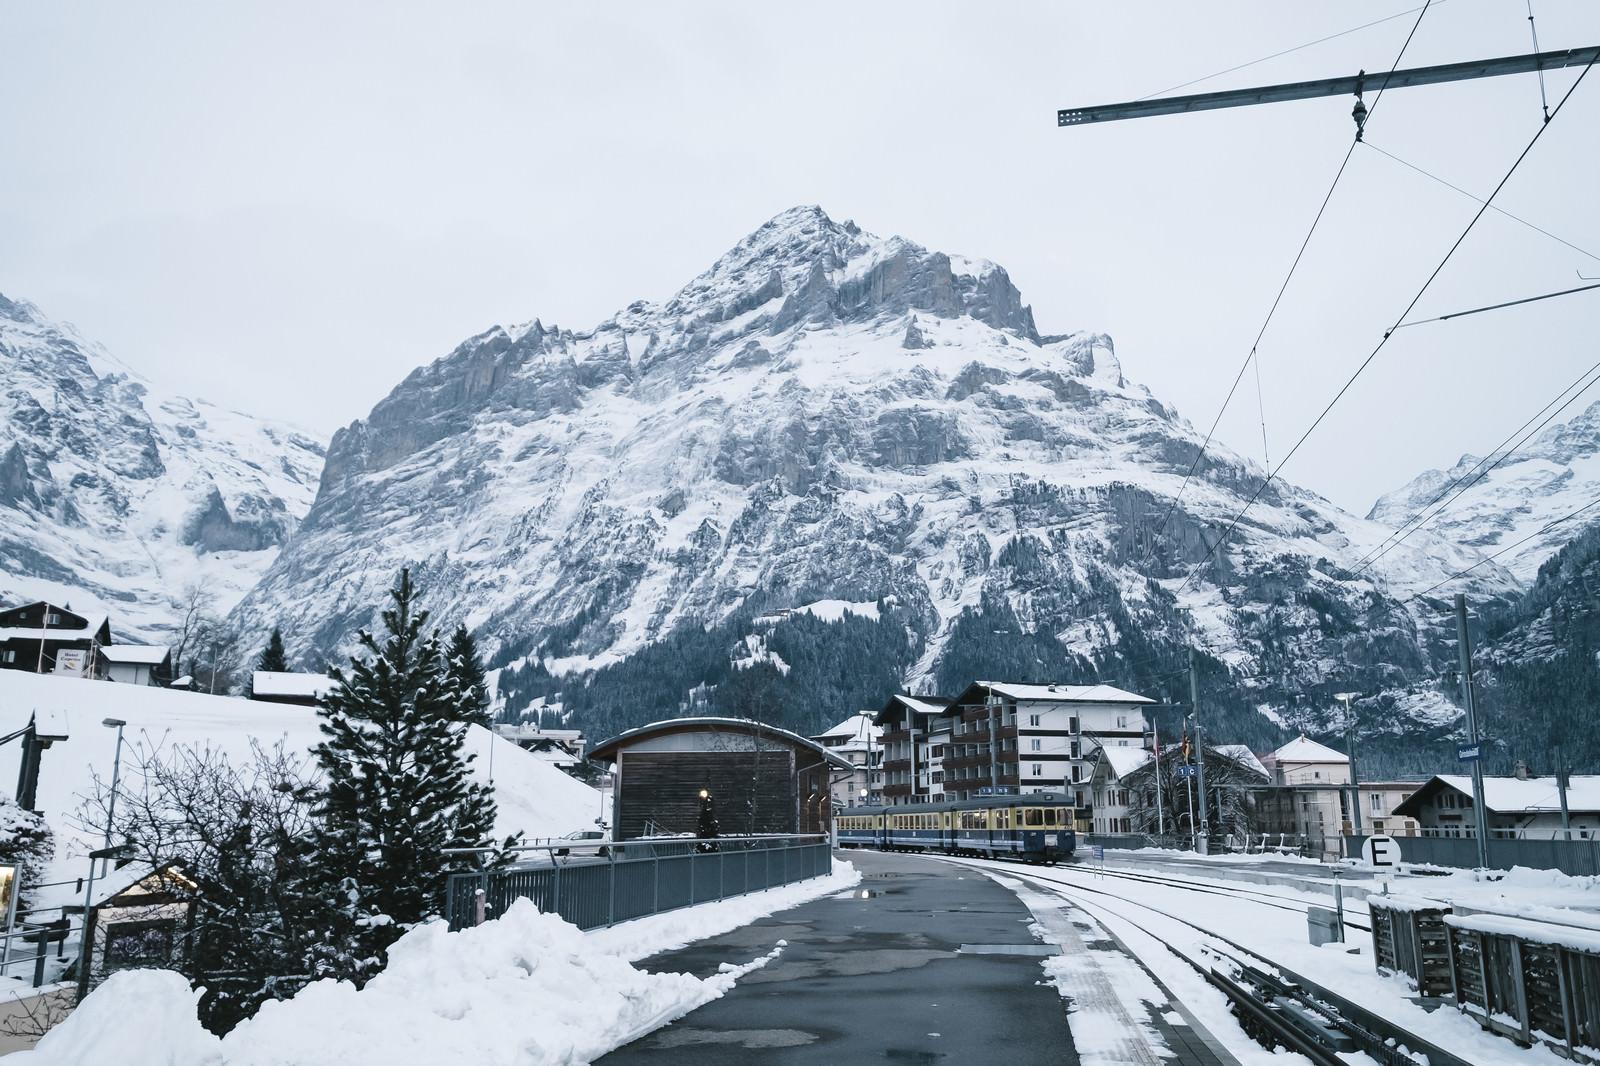 「グリンデルワルト(スイス)を走行する電車」の写真